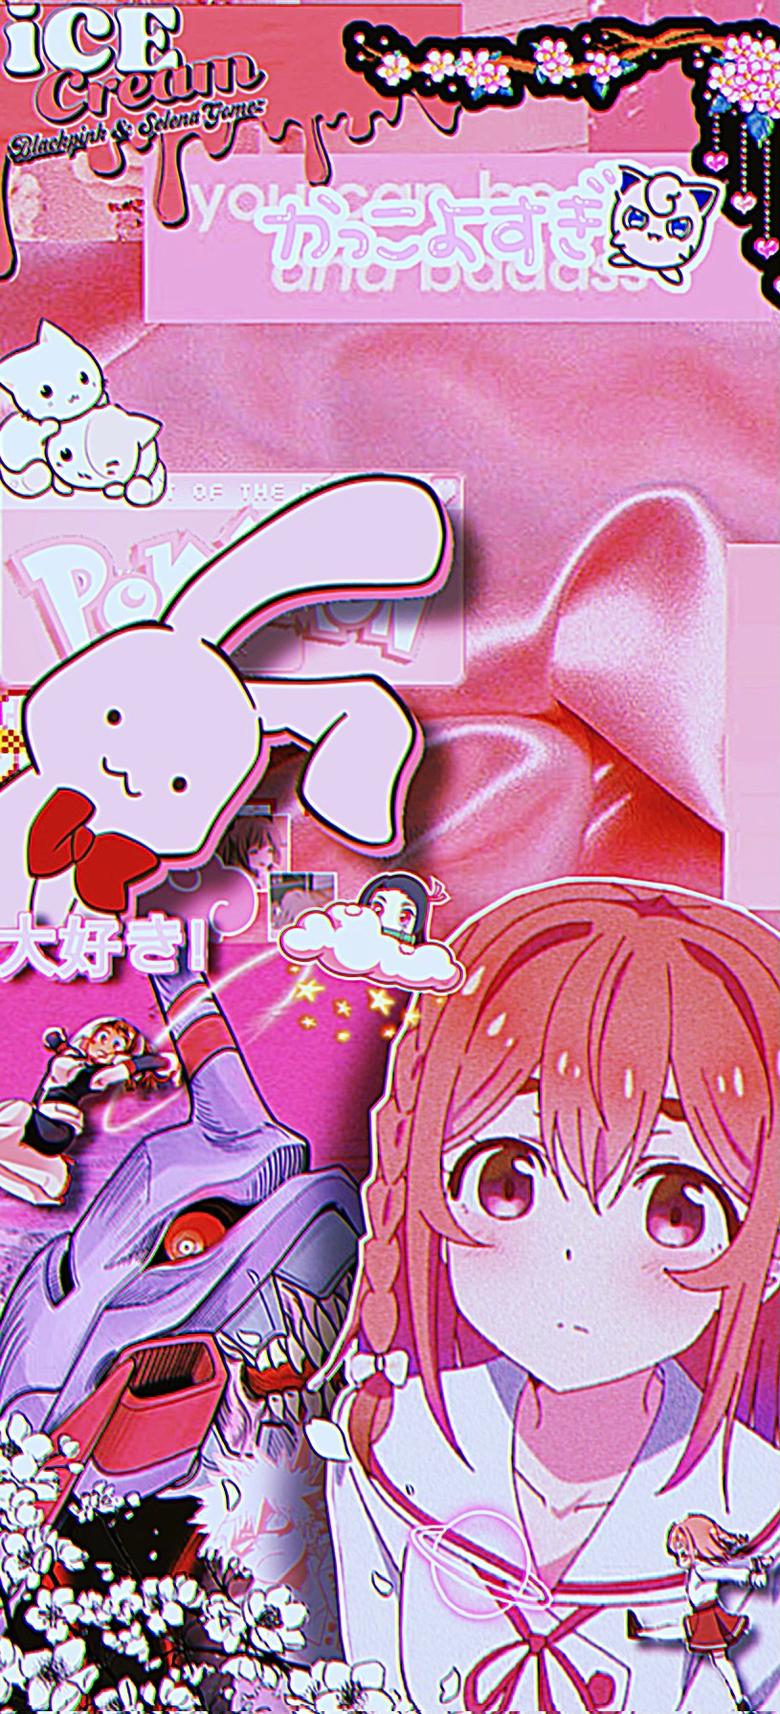 Rent a girlfriend wallpaper